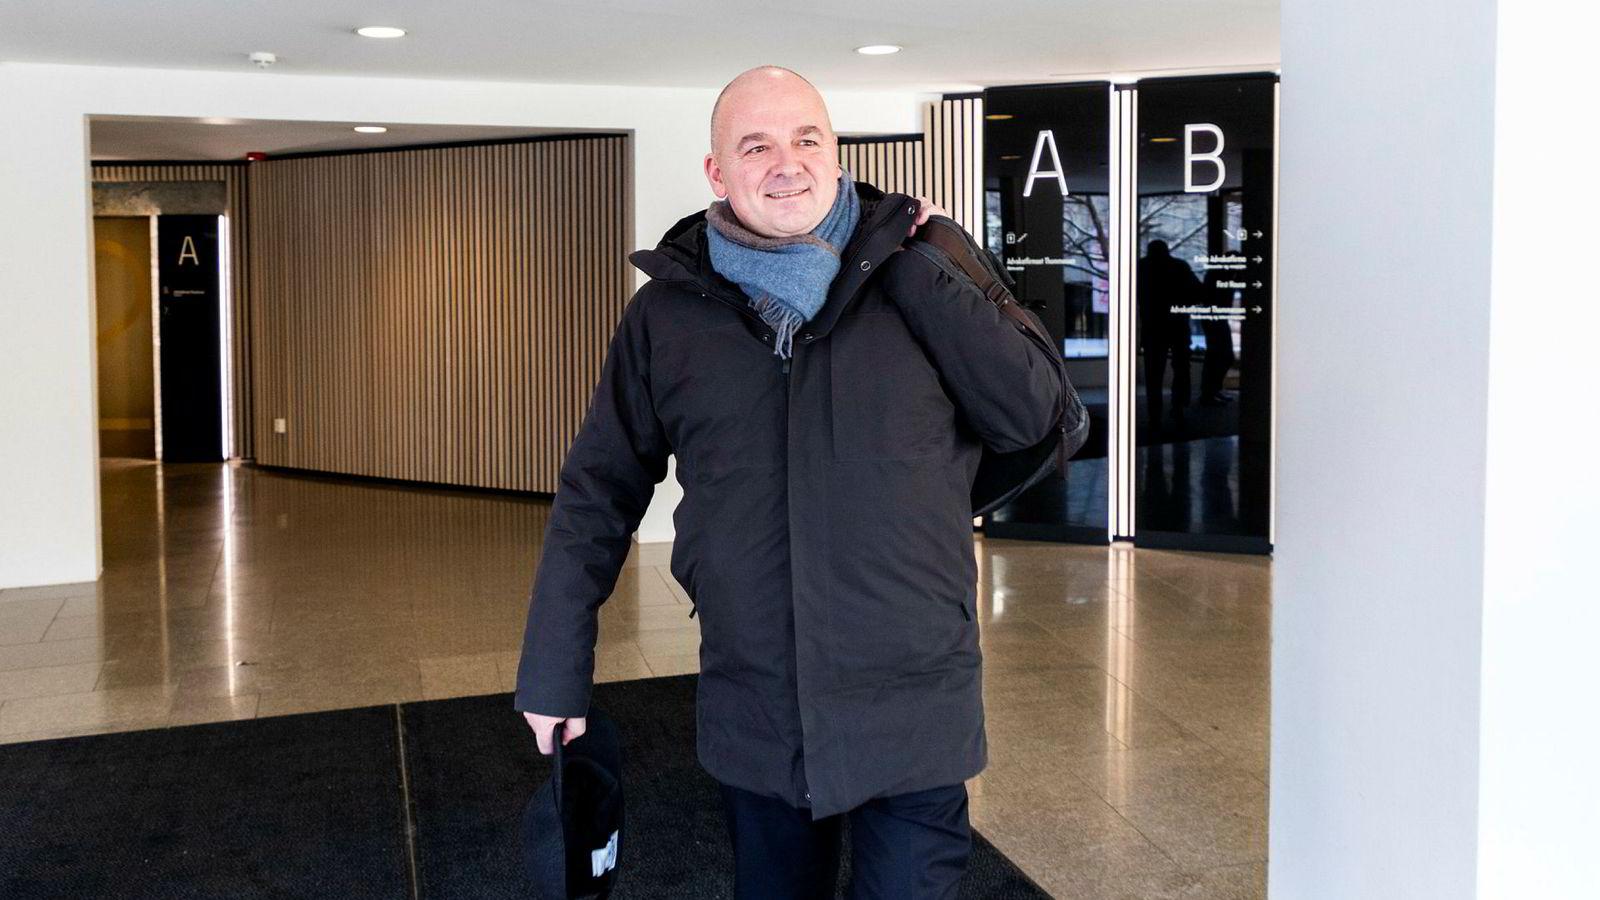 Euronext-sjef Stéphane Boujnah mener at Oslo Børs vil forbli mer norsk med Euronext på eiersiden, fremfor konkurrenten Nasdaq.